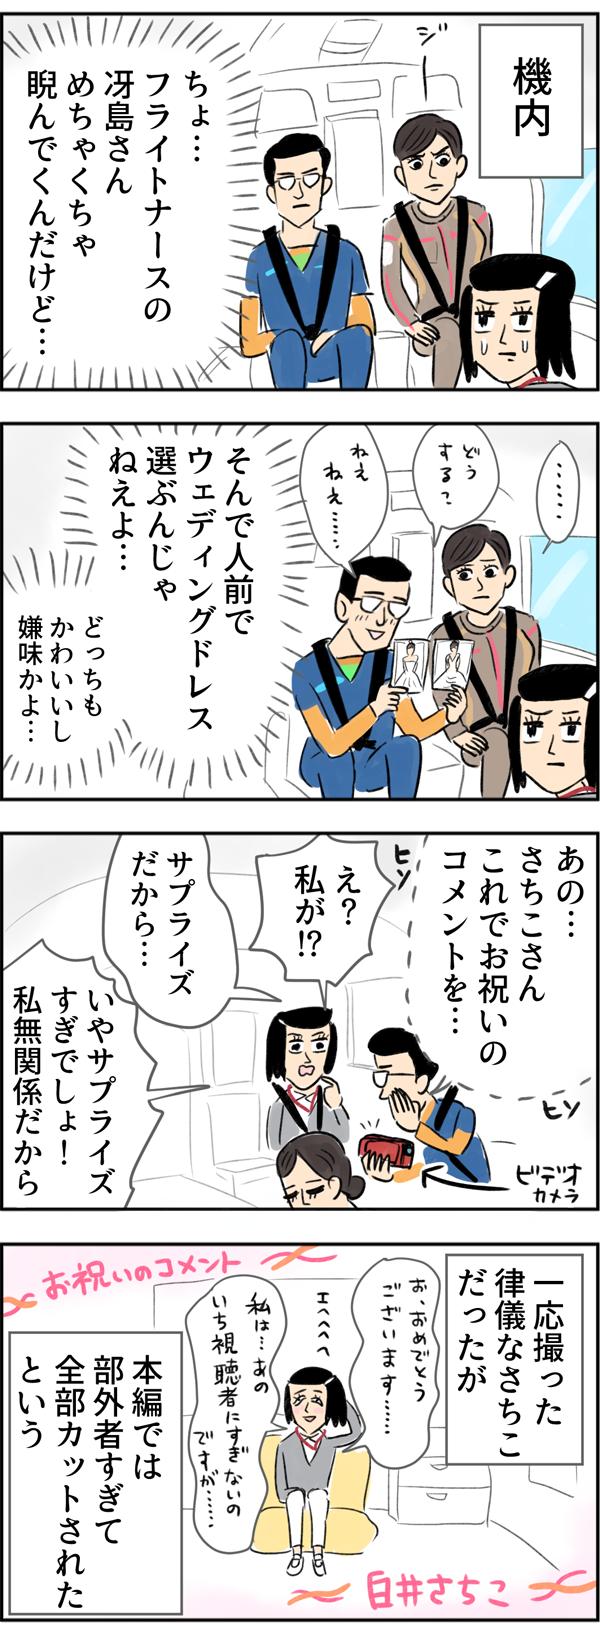 出前に向かう機内の中でフライトナースの冴島さんに睨まれ居心地が悪いさちこ。そんな気まずい雰囲気の中、藤川先生はおかまいなしにウェディングドレスを選びはじめました。しばらくして藤川先生に「このビデオカメラでお祝いのコメントを…」とひそひそ声でお願いされ、さちこは自分は無関係だと戸惑いながらも一応律儀にお祝いの言葉を撮影しました。しかし、本編では部外者すぎて全部カットされてしまったさちこなのでした。